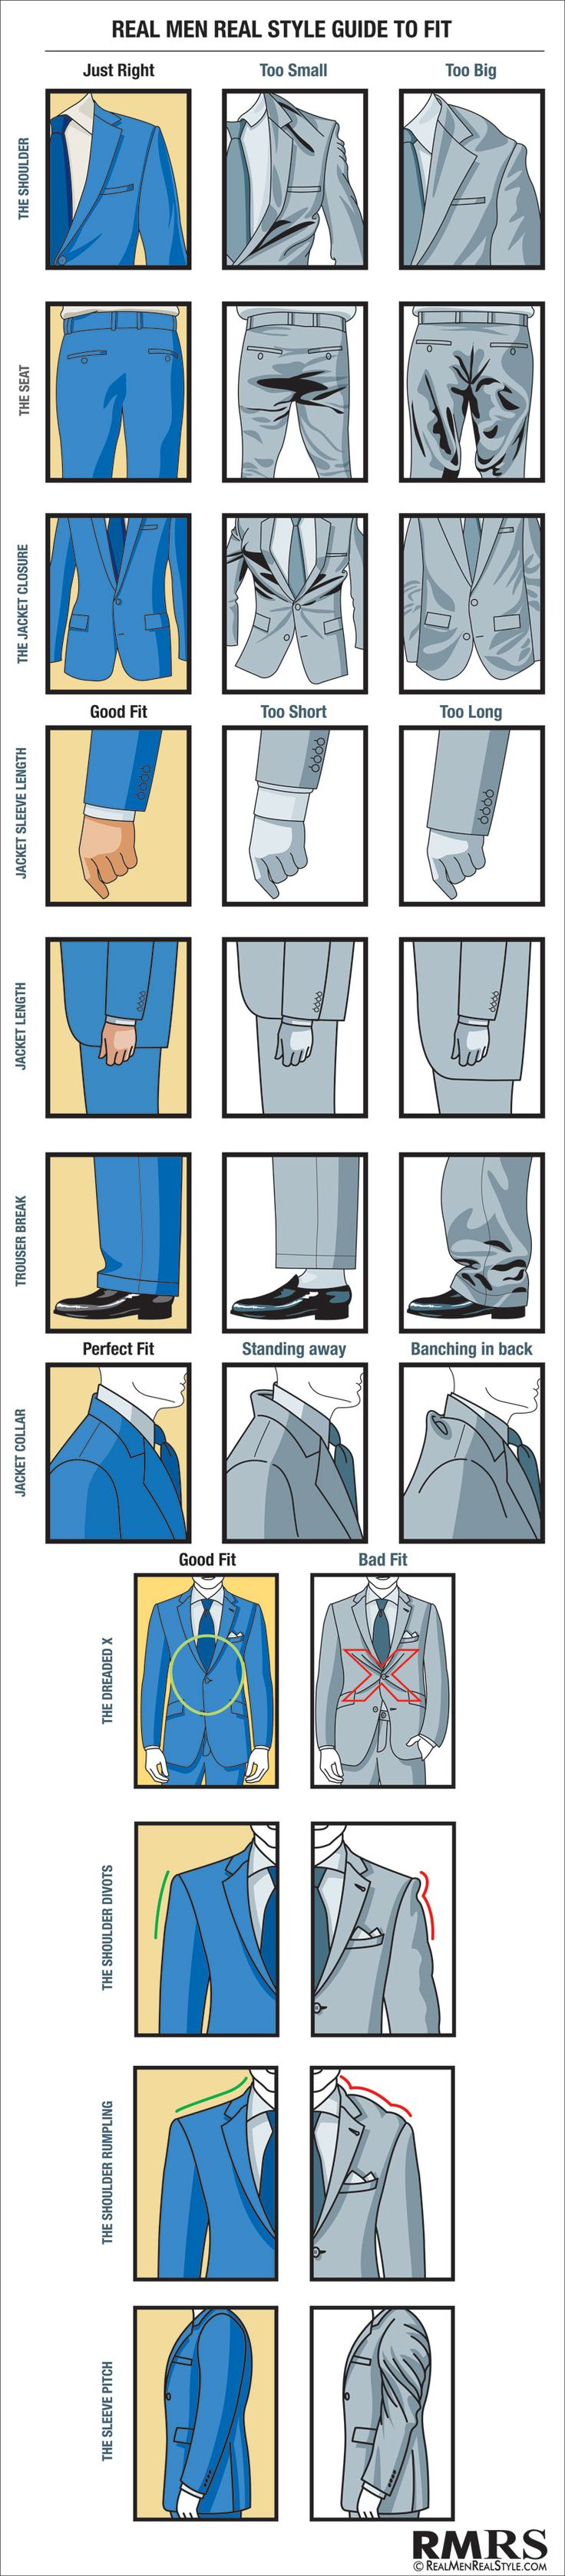 moda-masculina-terno-clássico